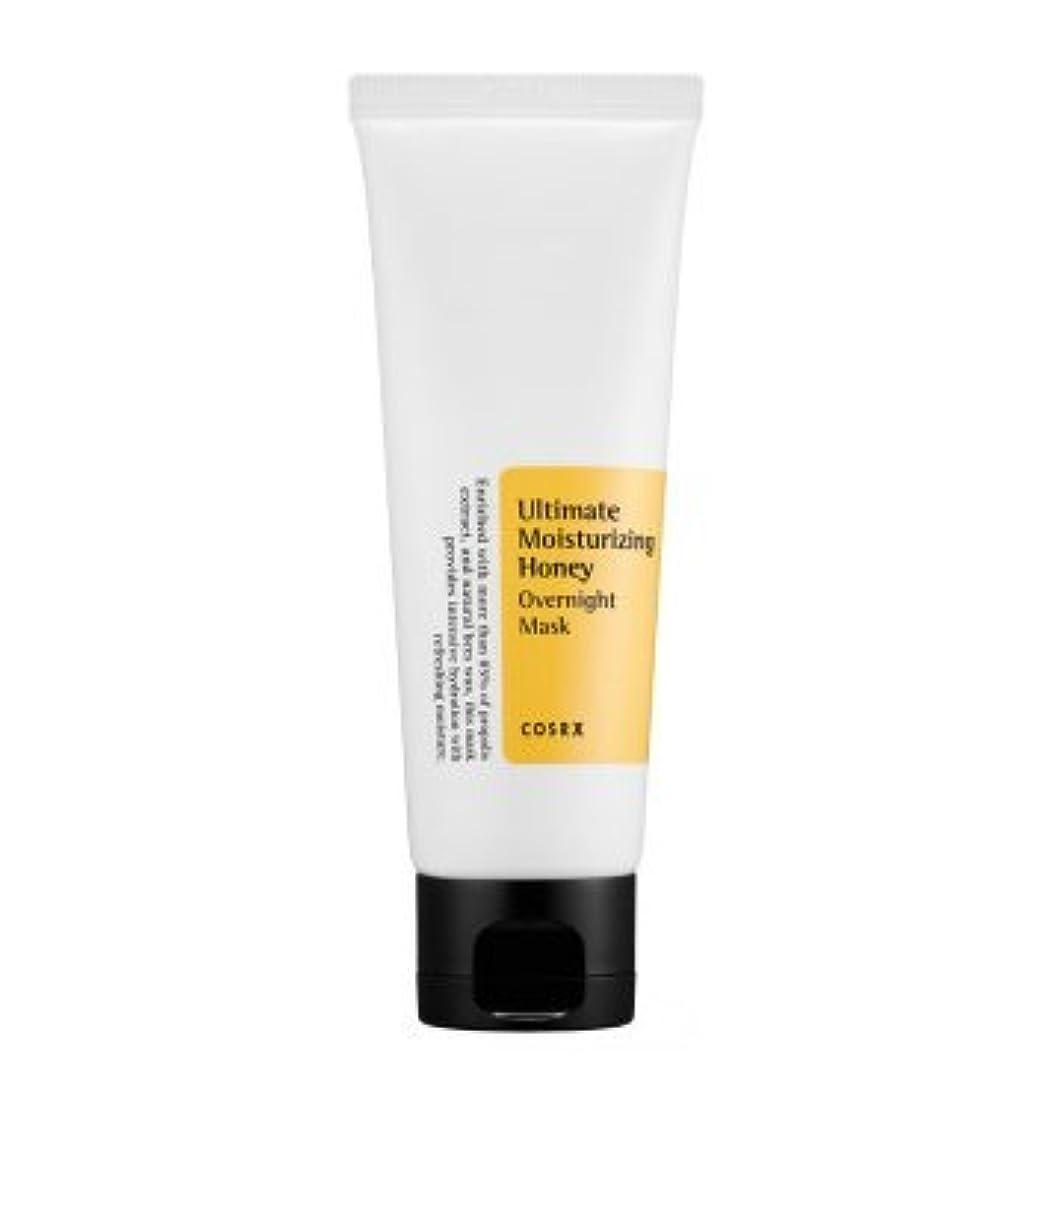 スライムレベルマラウイCOSRX アルティメット モイスチャライジング ハニー オーバーナイト マスク チューブタイプ(60ml) リニューアル / Ultimate Moisturizing Honey Overnight Mask [並行輸入品]